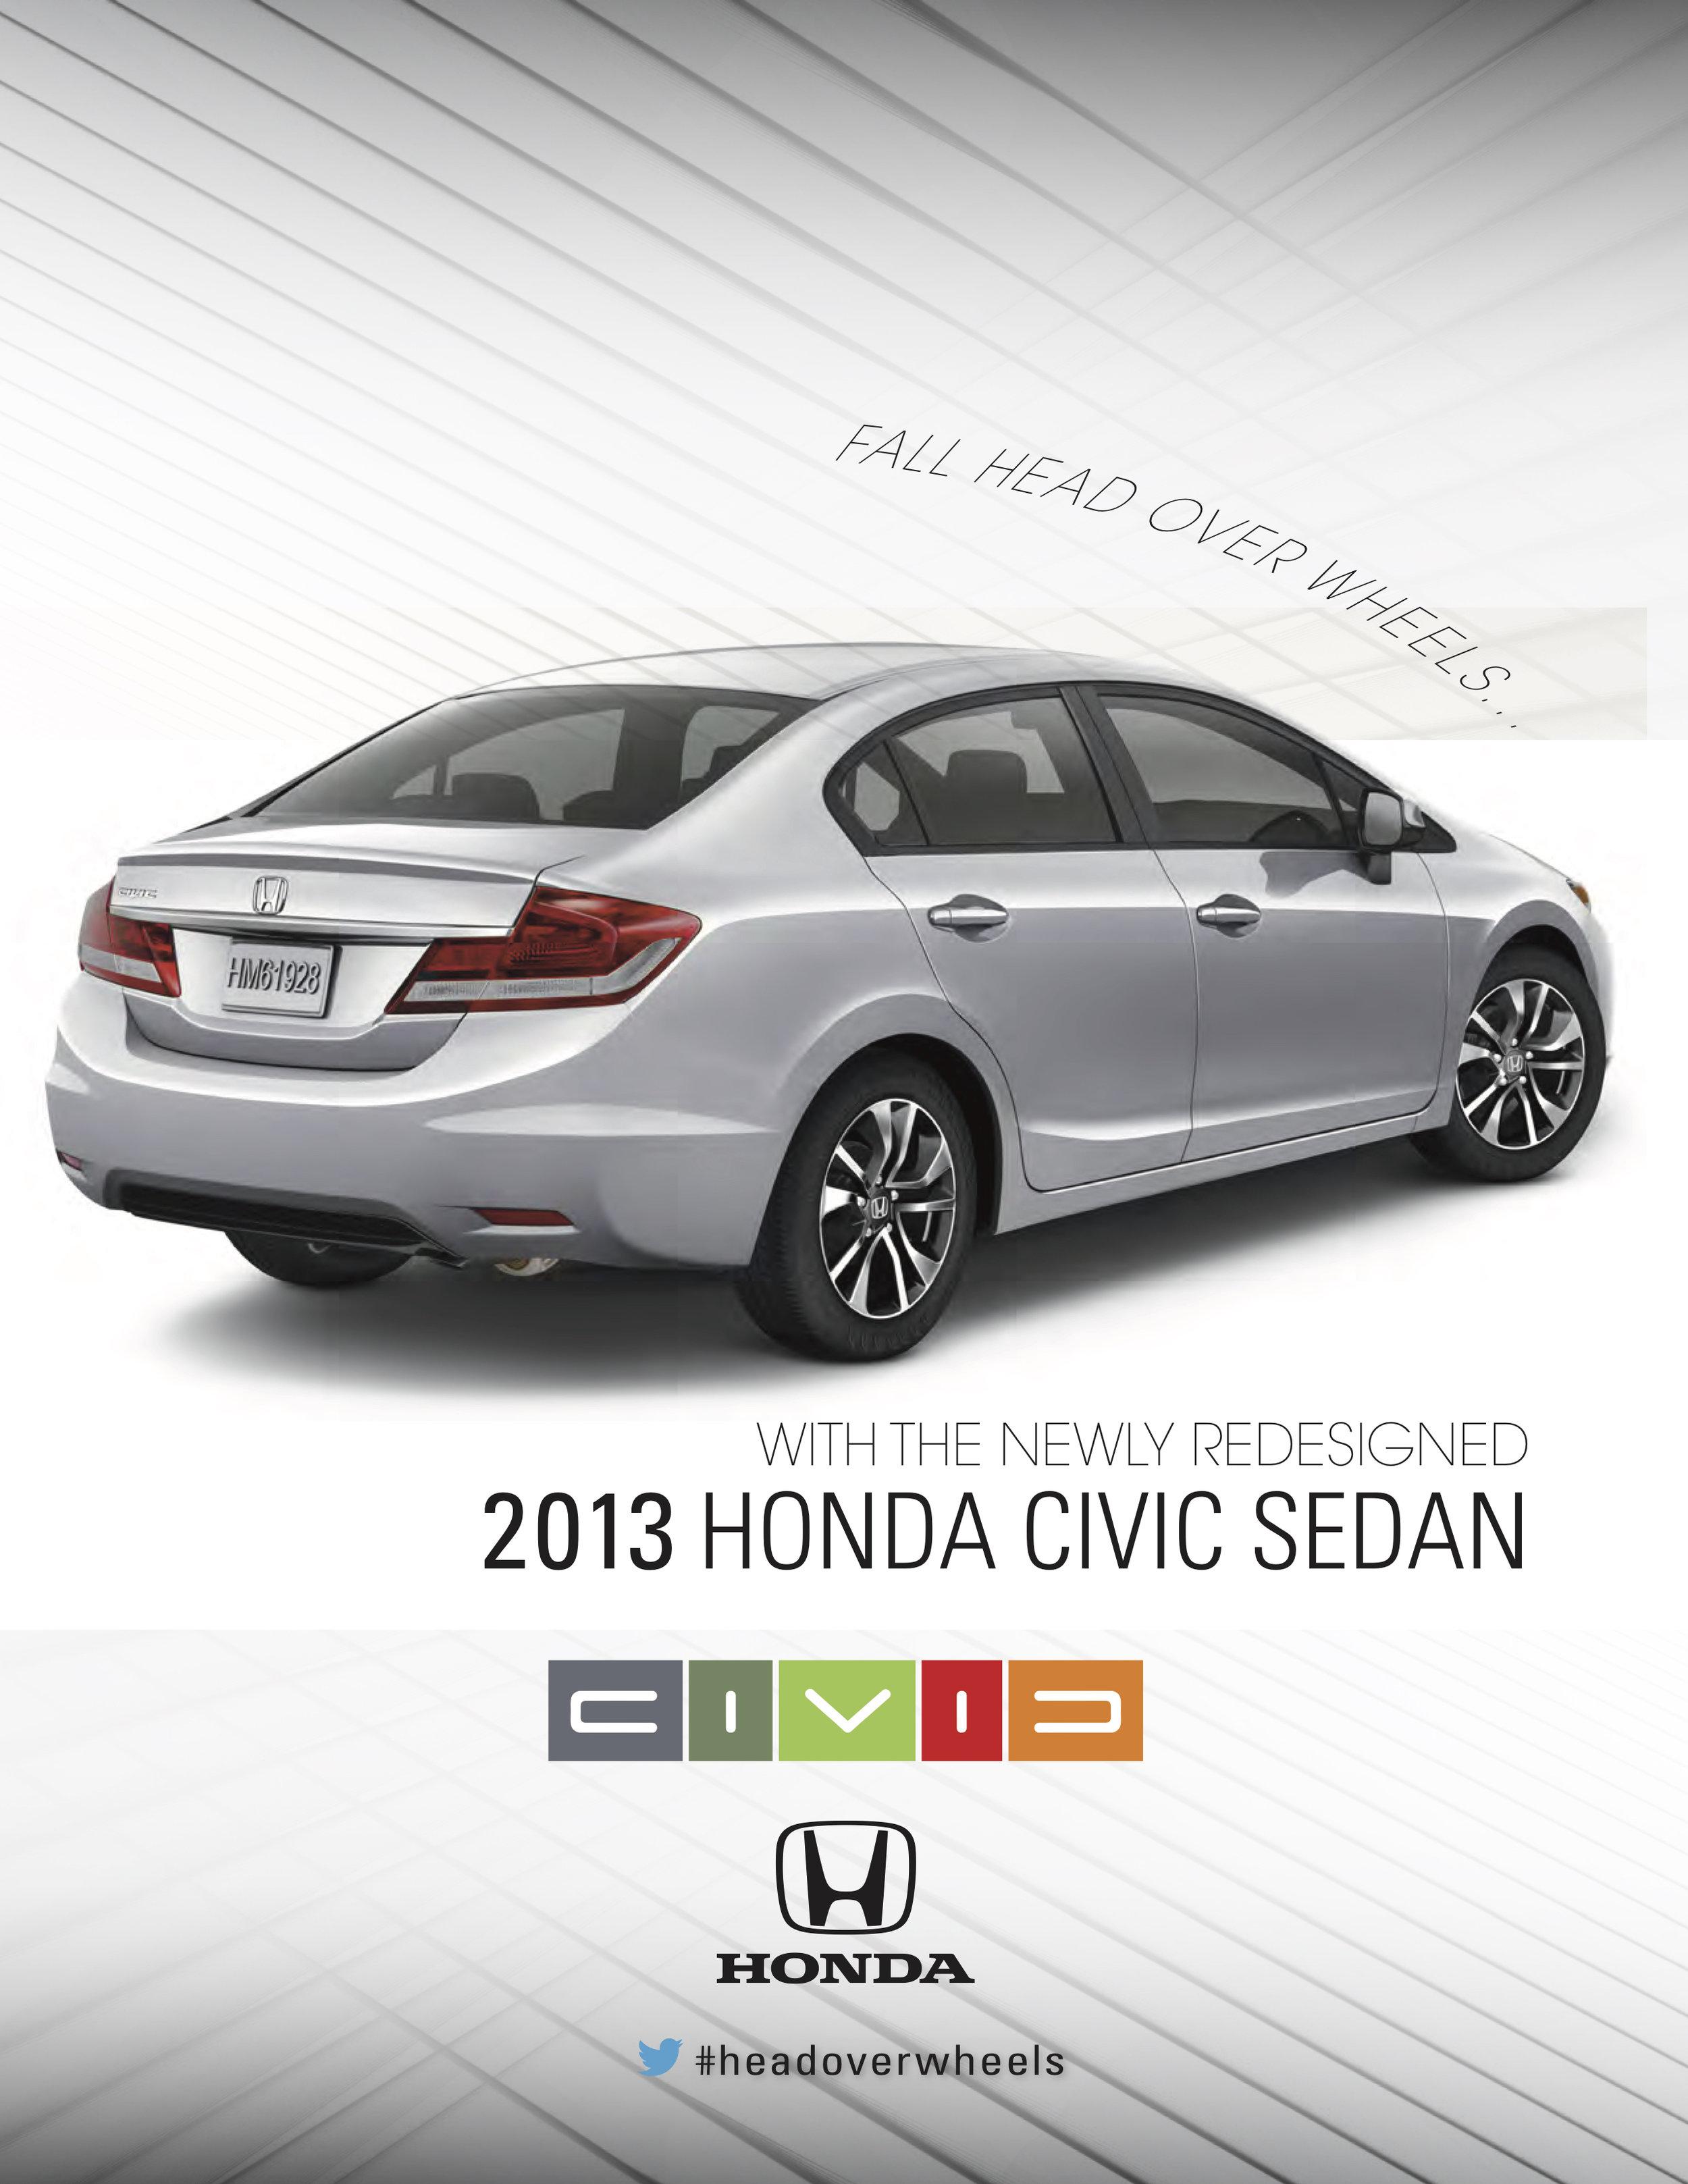 Honda_Print_Ads_8.jpg